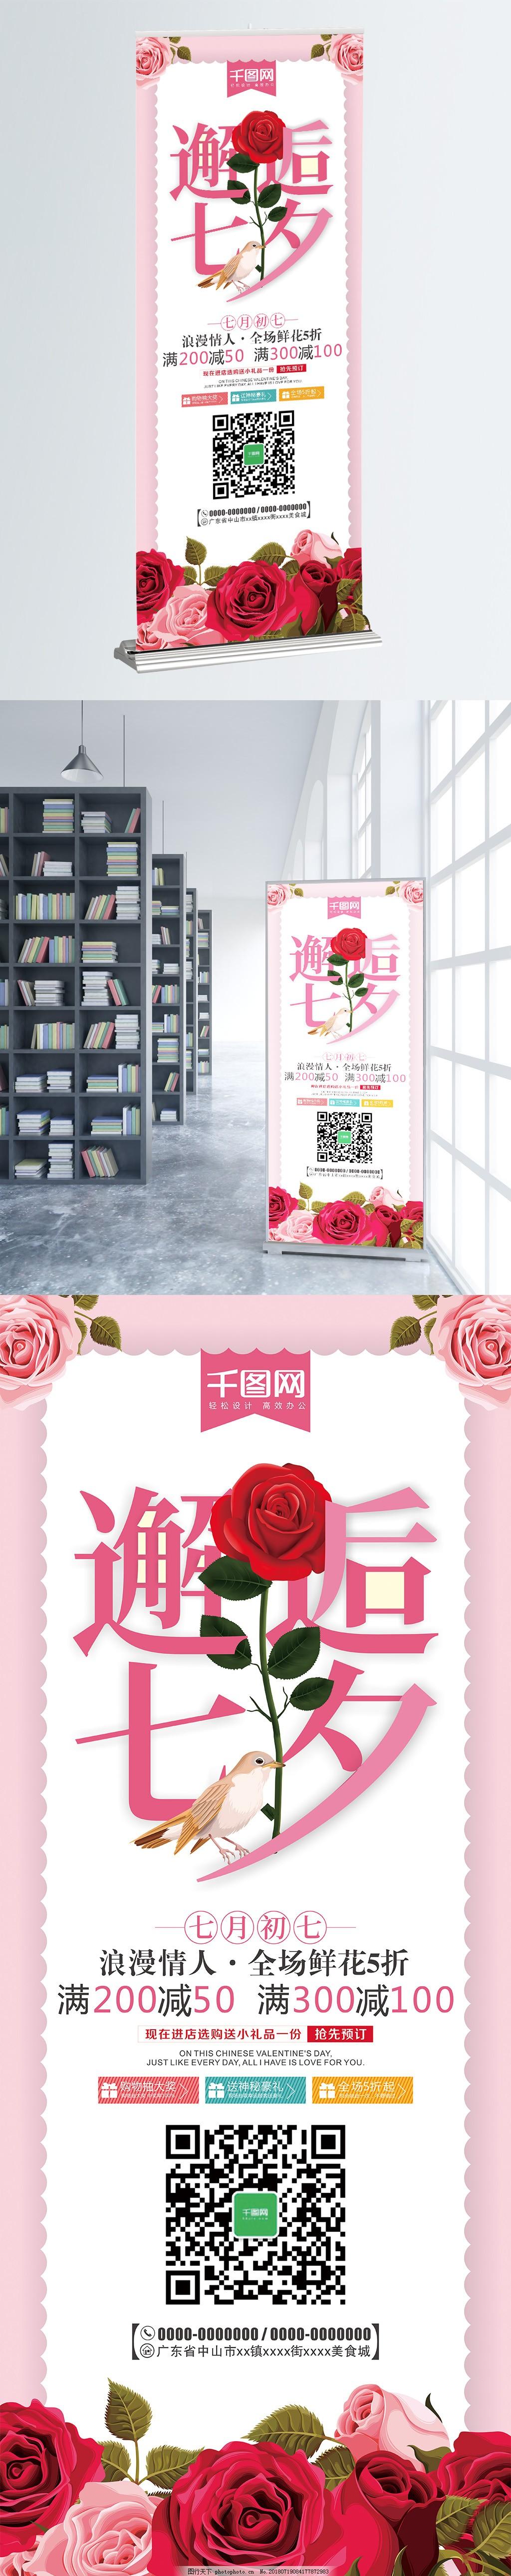 清新花蕊邂逅七夕情人节宣传展架